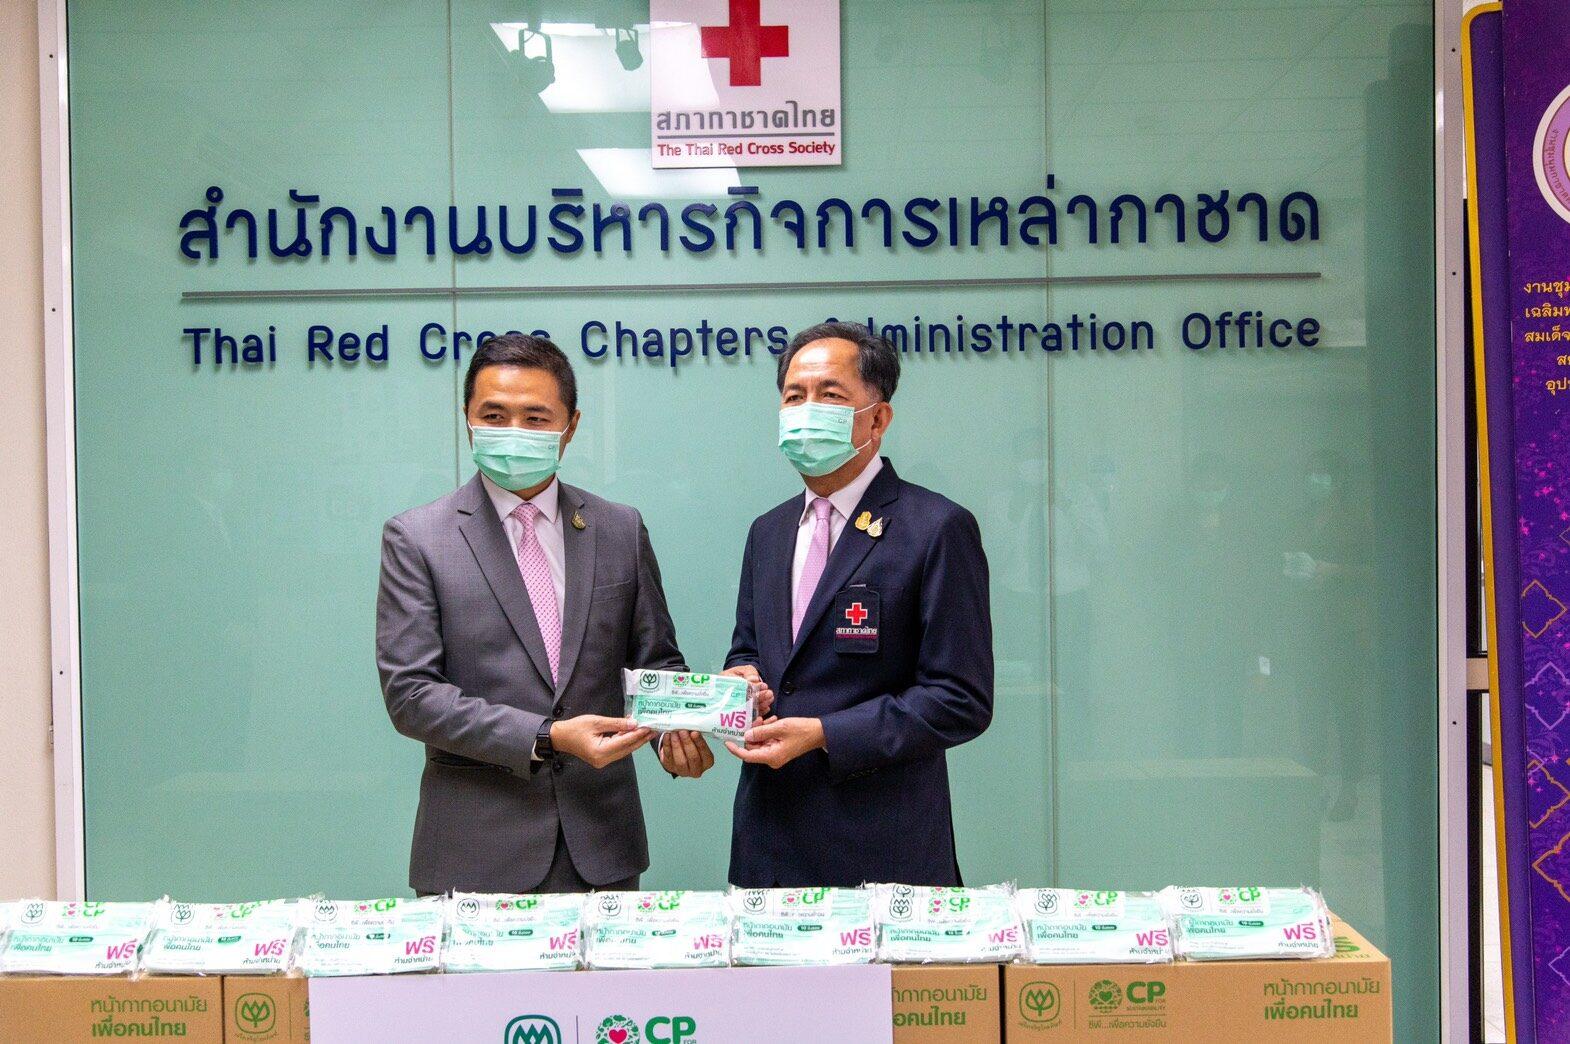 สภากาชาดไทยรับมอบหน้ากากอนามัยแสนชิ้นจากซีพีส่งต่อรพ.พื้นที่ควบคุมเข้มข้นสูงสุด